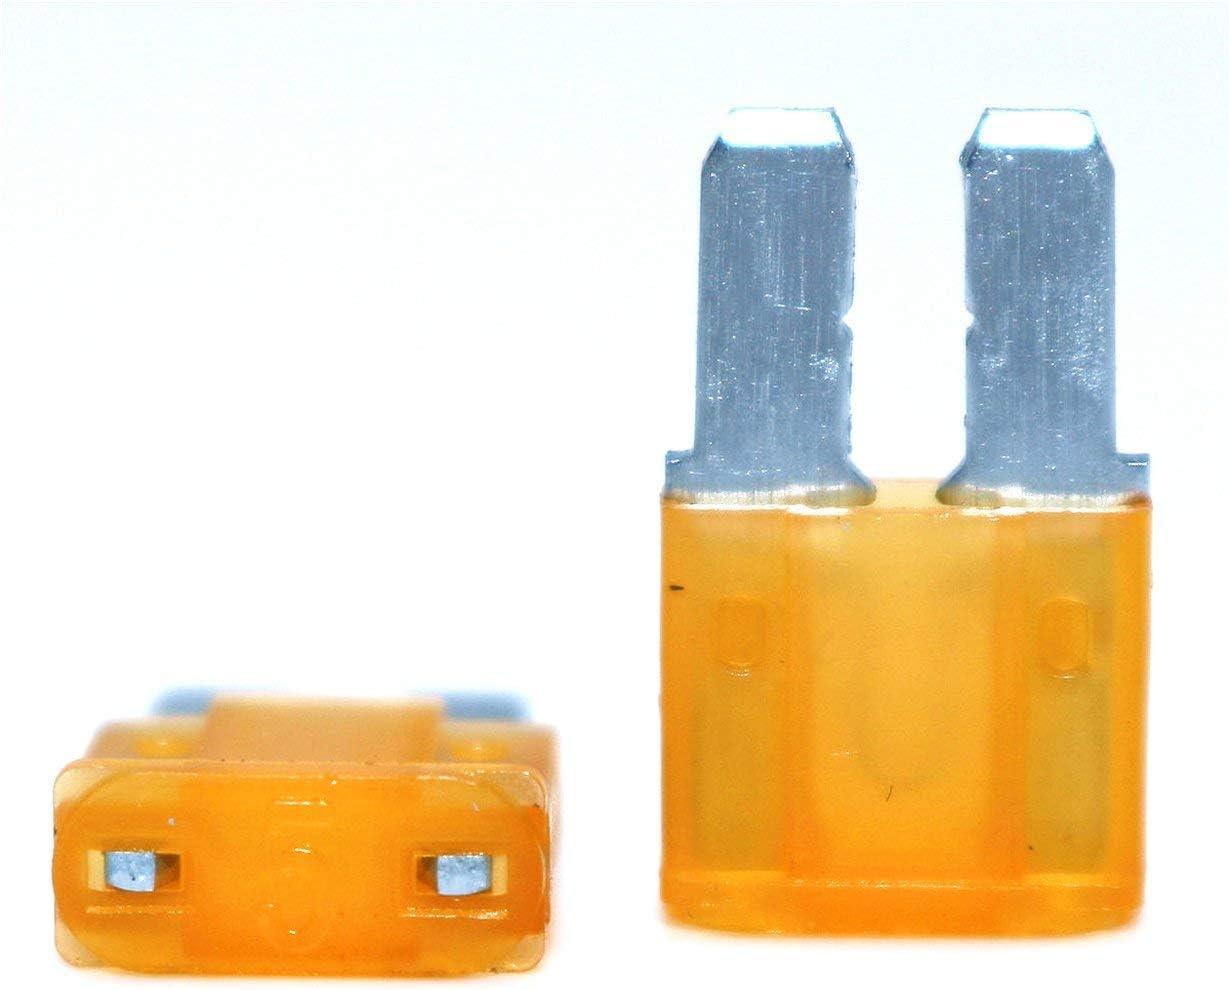 bunt Micro2 ATR Kfz-Sicherungen sortiert 10 St/ück Lumision 5A 7.5A 10A 15A 20A Set Pak Auto Insurance Tablets